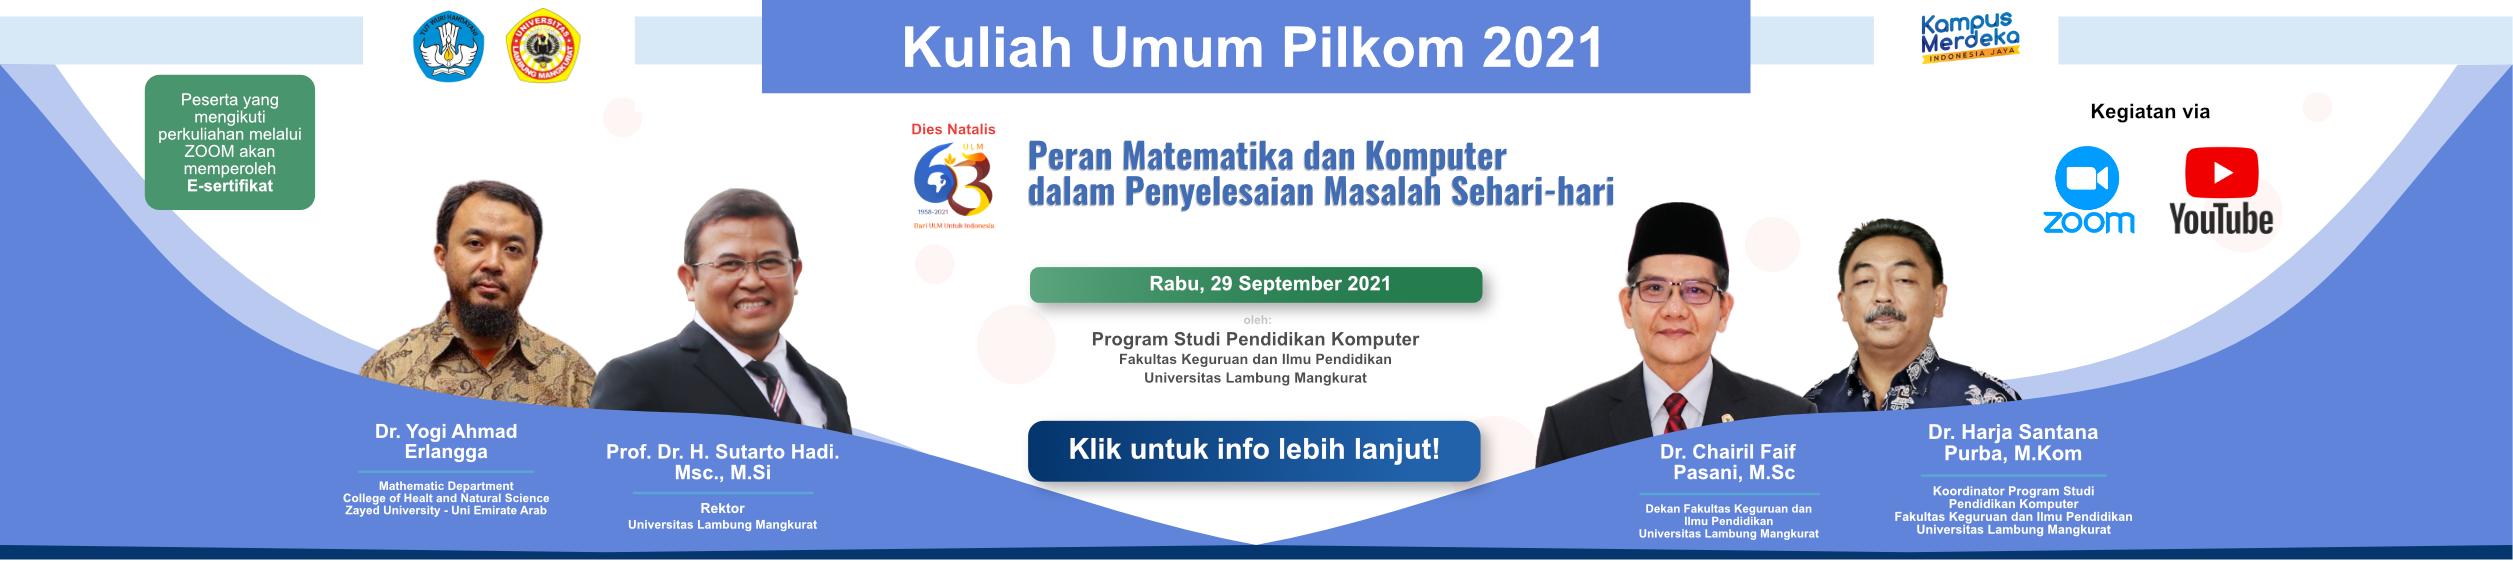 Kuliah Umum Pilkom 2021